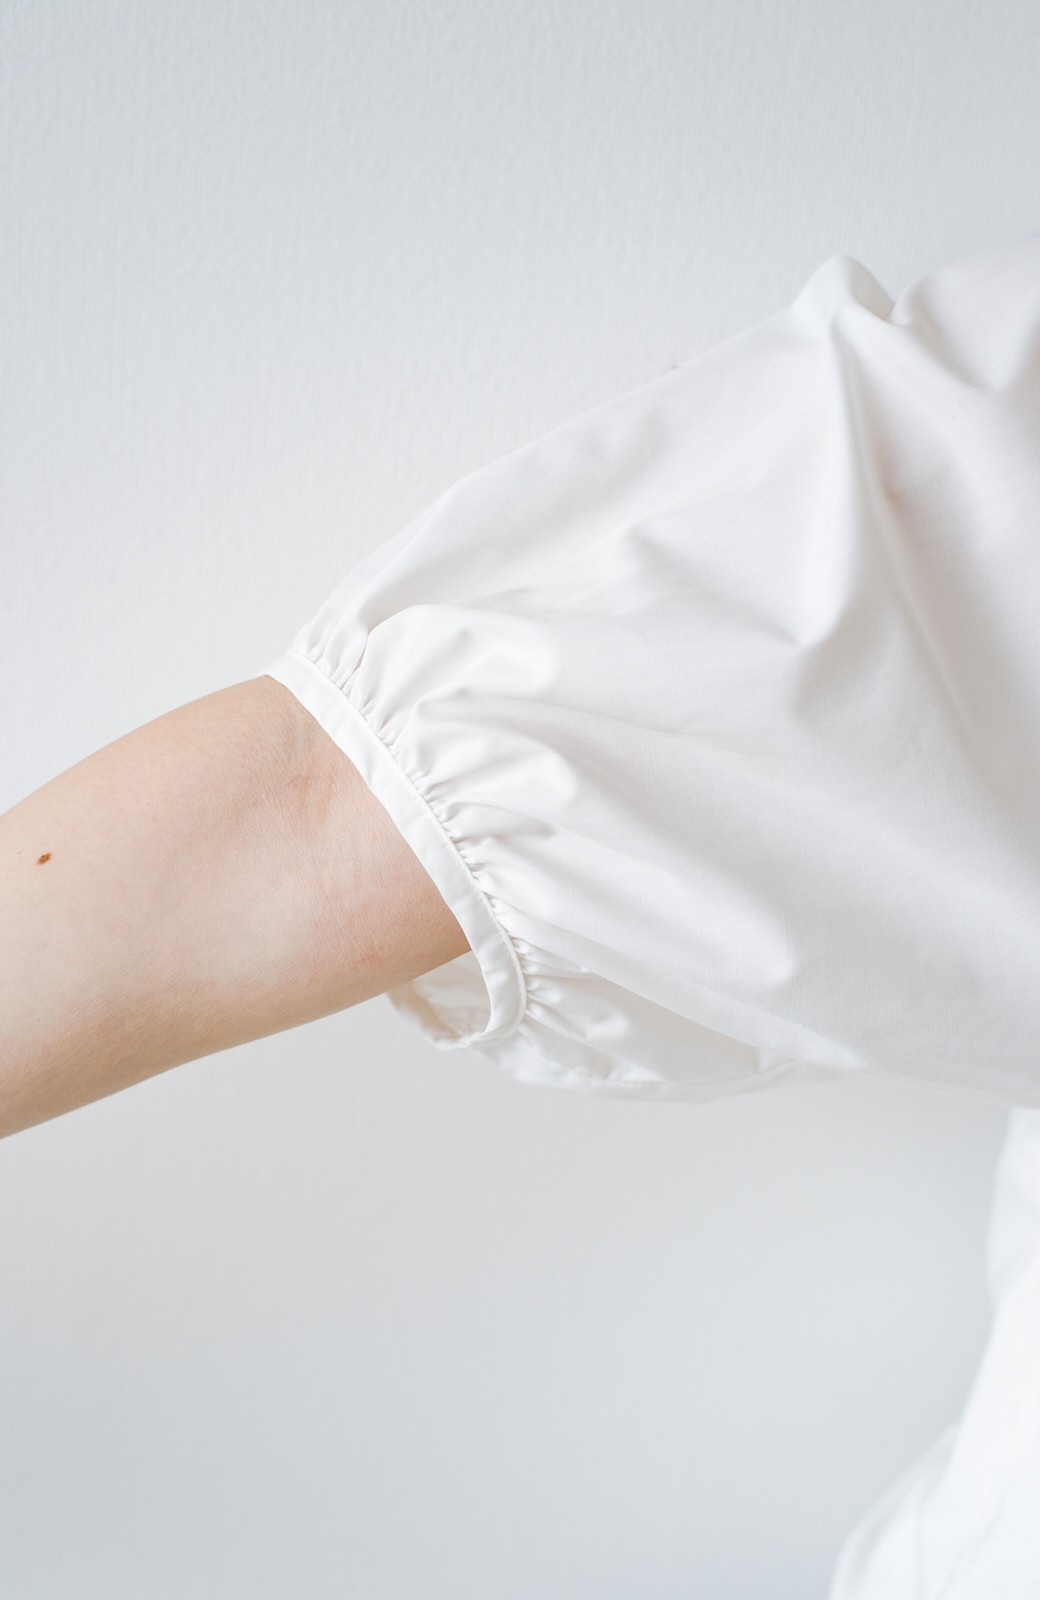 haco! Tシャツの代わりにこれ着とこう!二の腕隠してかわいげ増します!ちょうちん袖トップス by que made me <ホワイト>の商品写真10